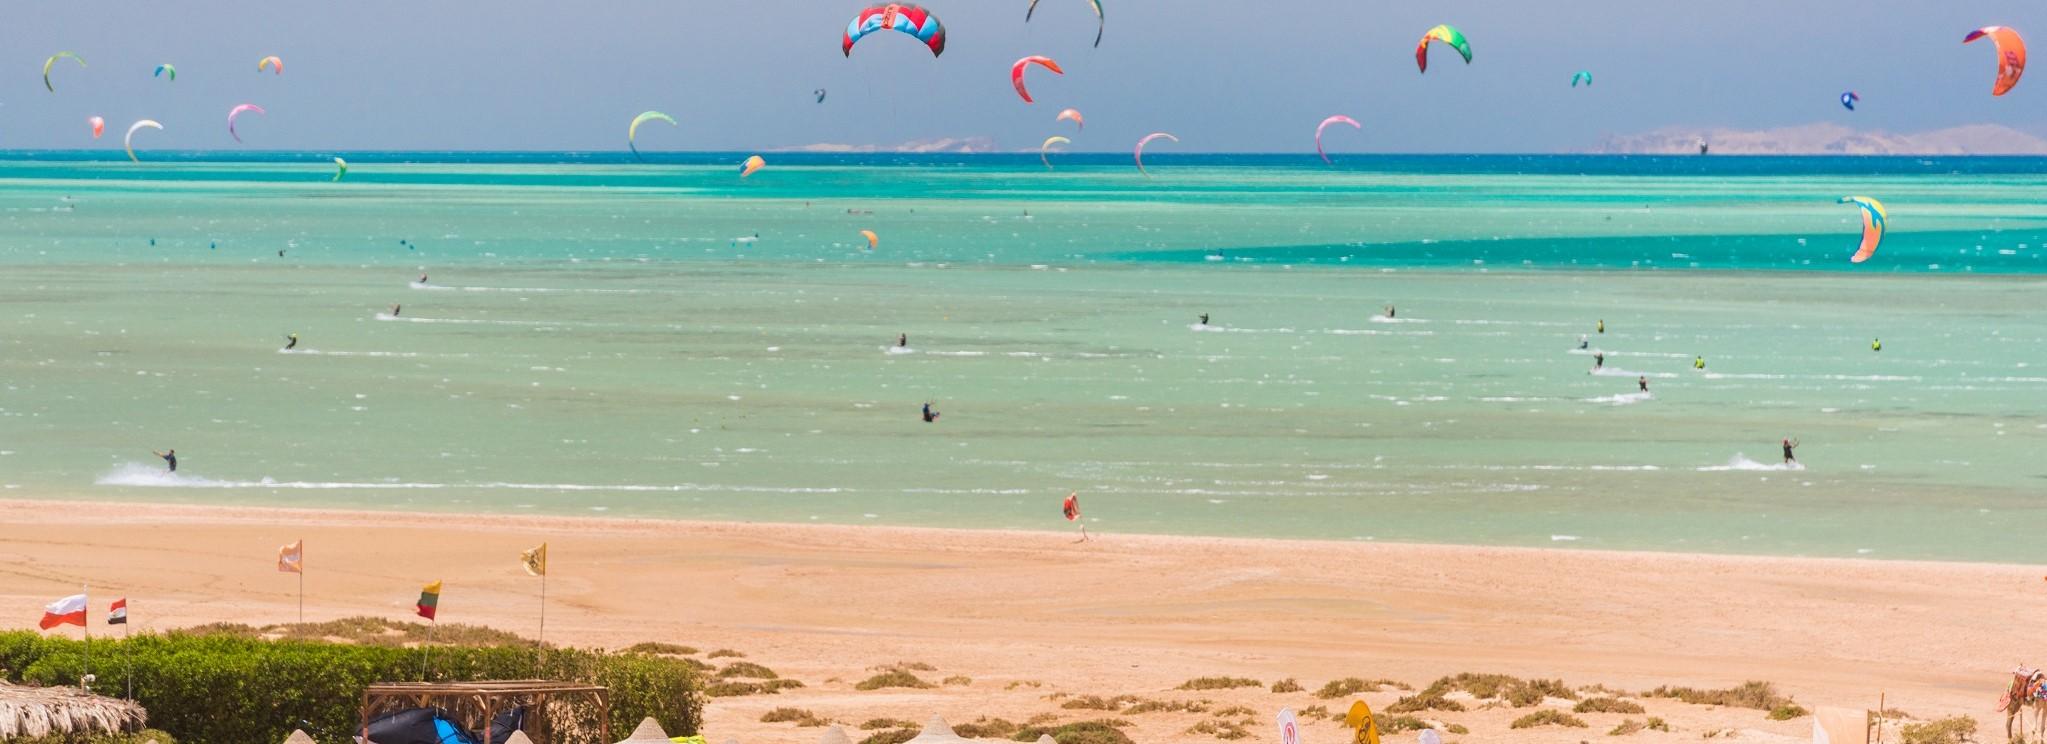 Kitesurfing spot  EL GOUNA